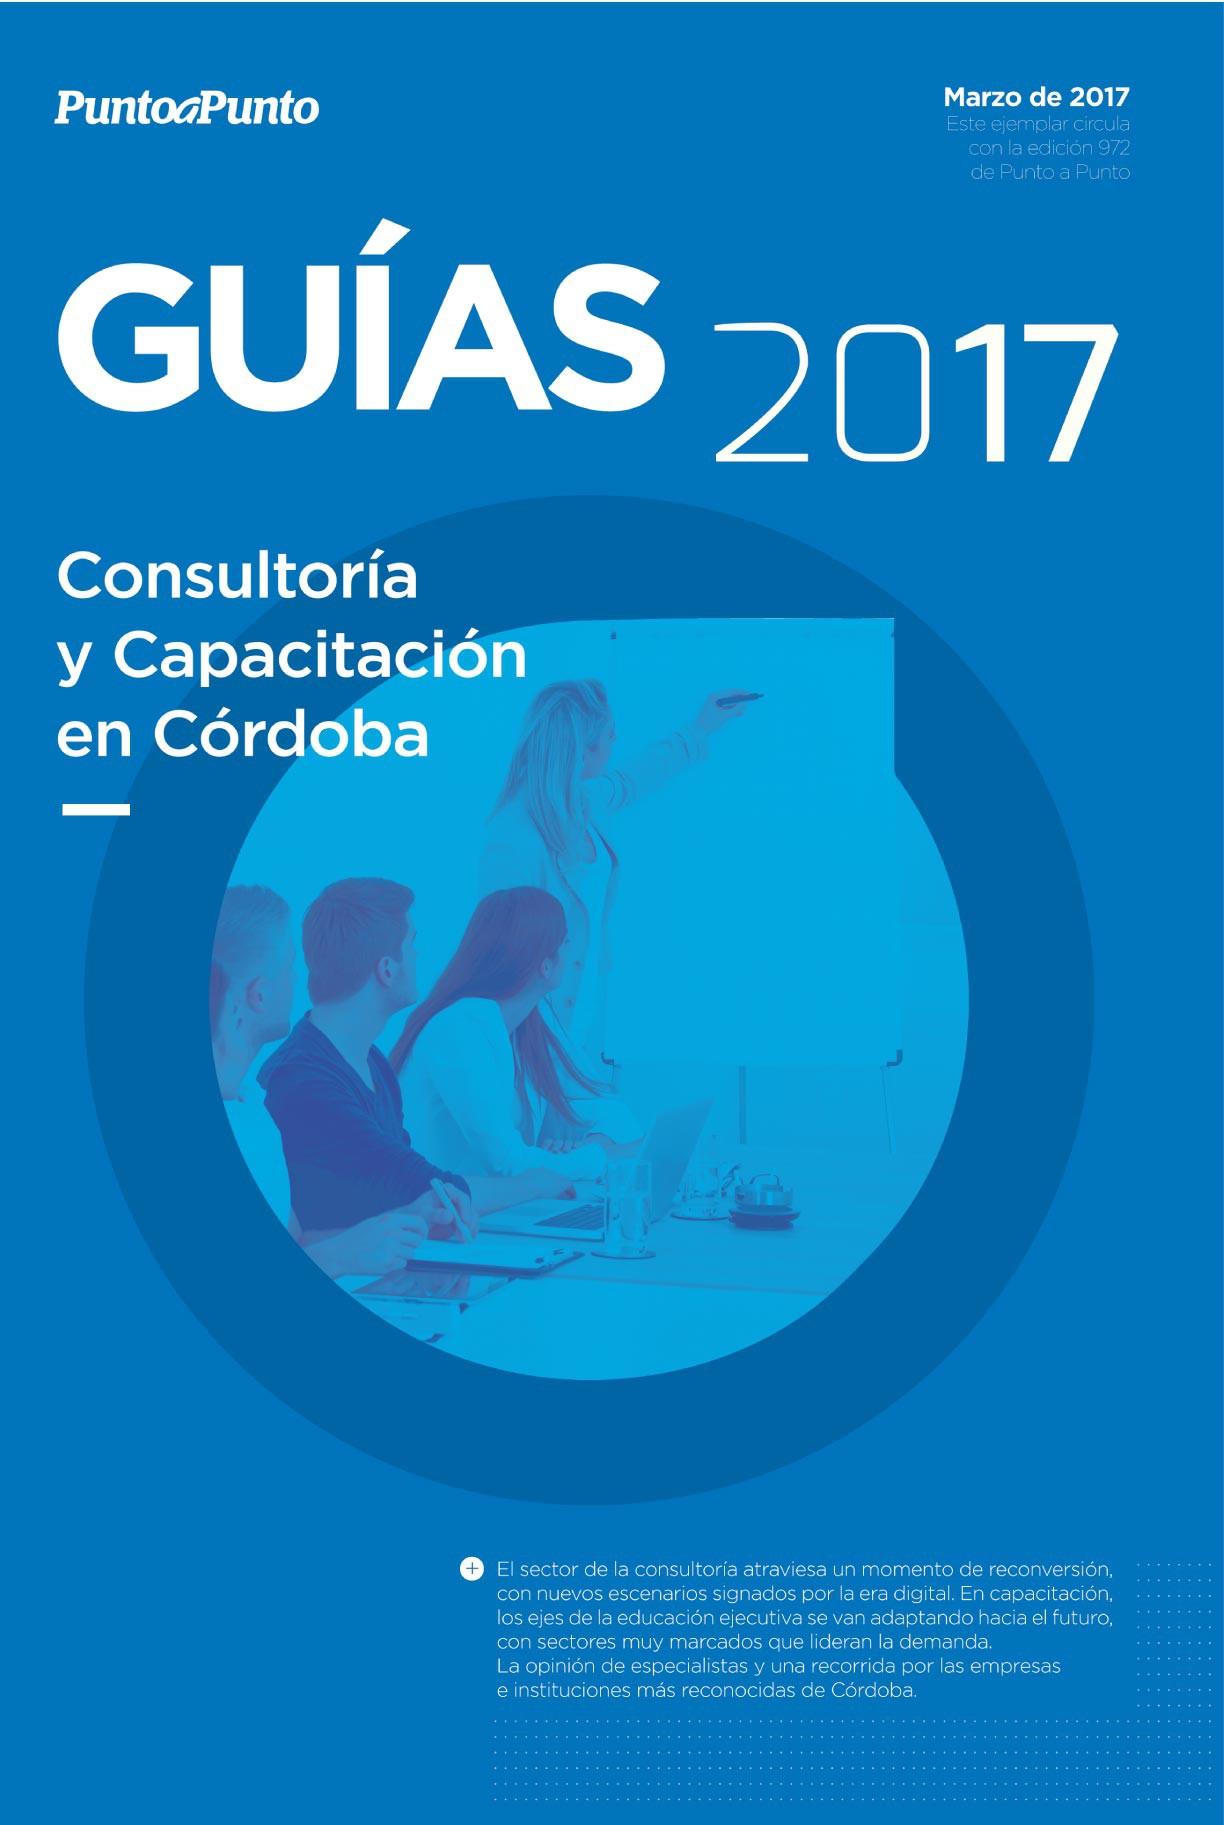 Guía Consultoría y Capacitación. Punto a Punto